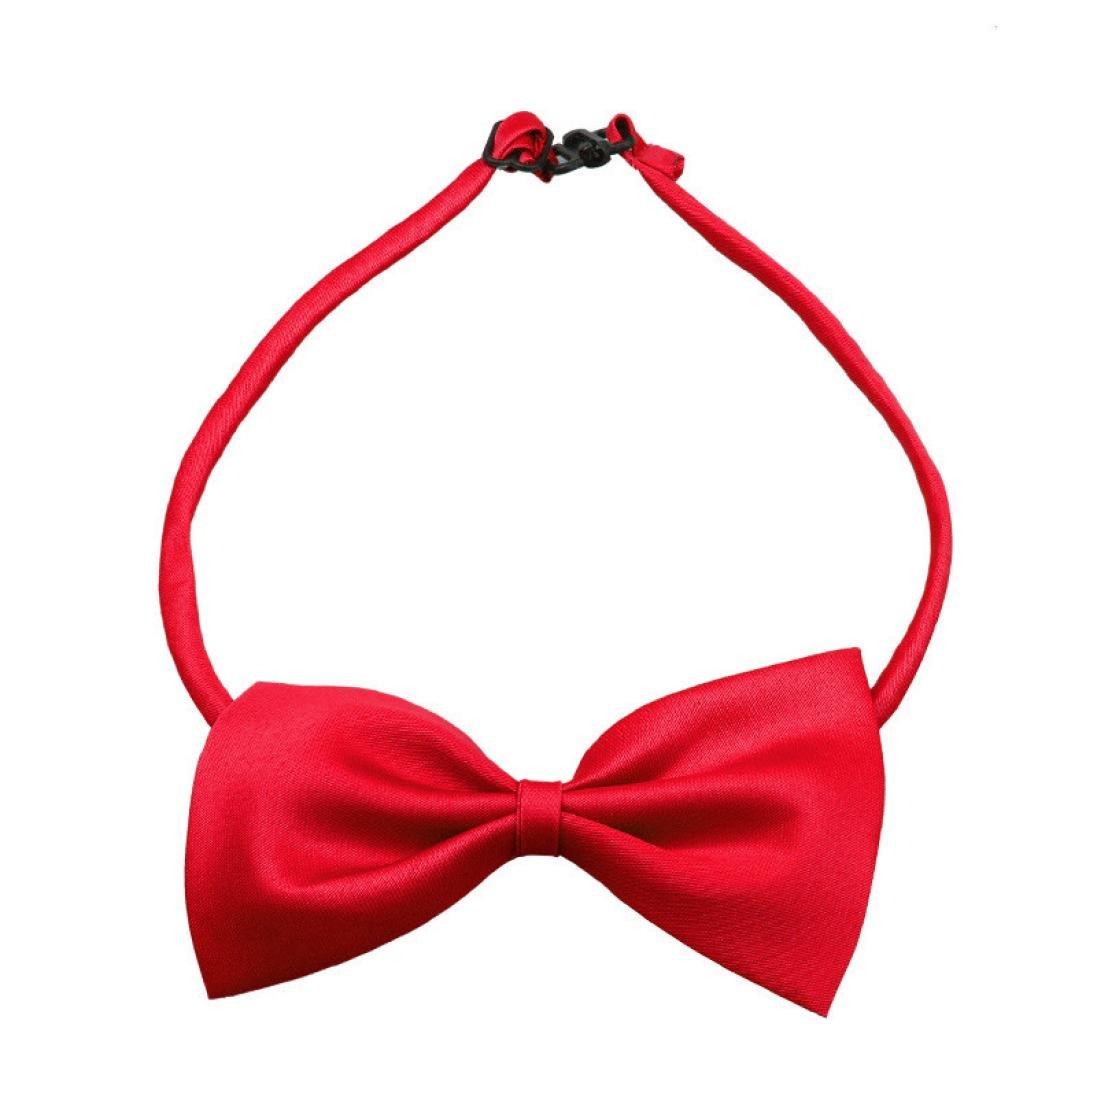 Lindo perro cachorro gato gatito juguete del animal dom/éstico pajarita corbata ropa rojo Malloom perro pajarita